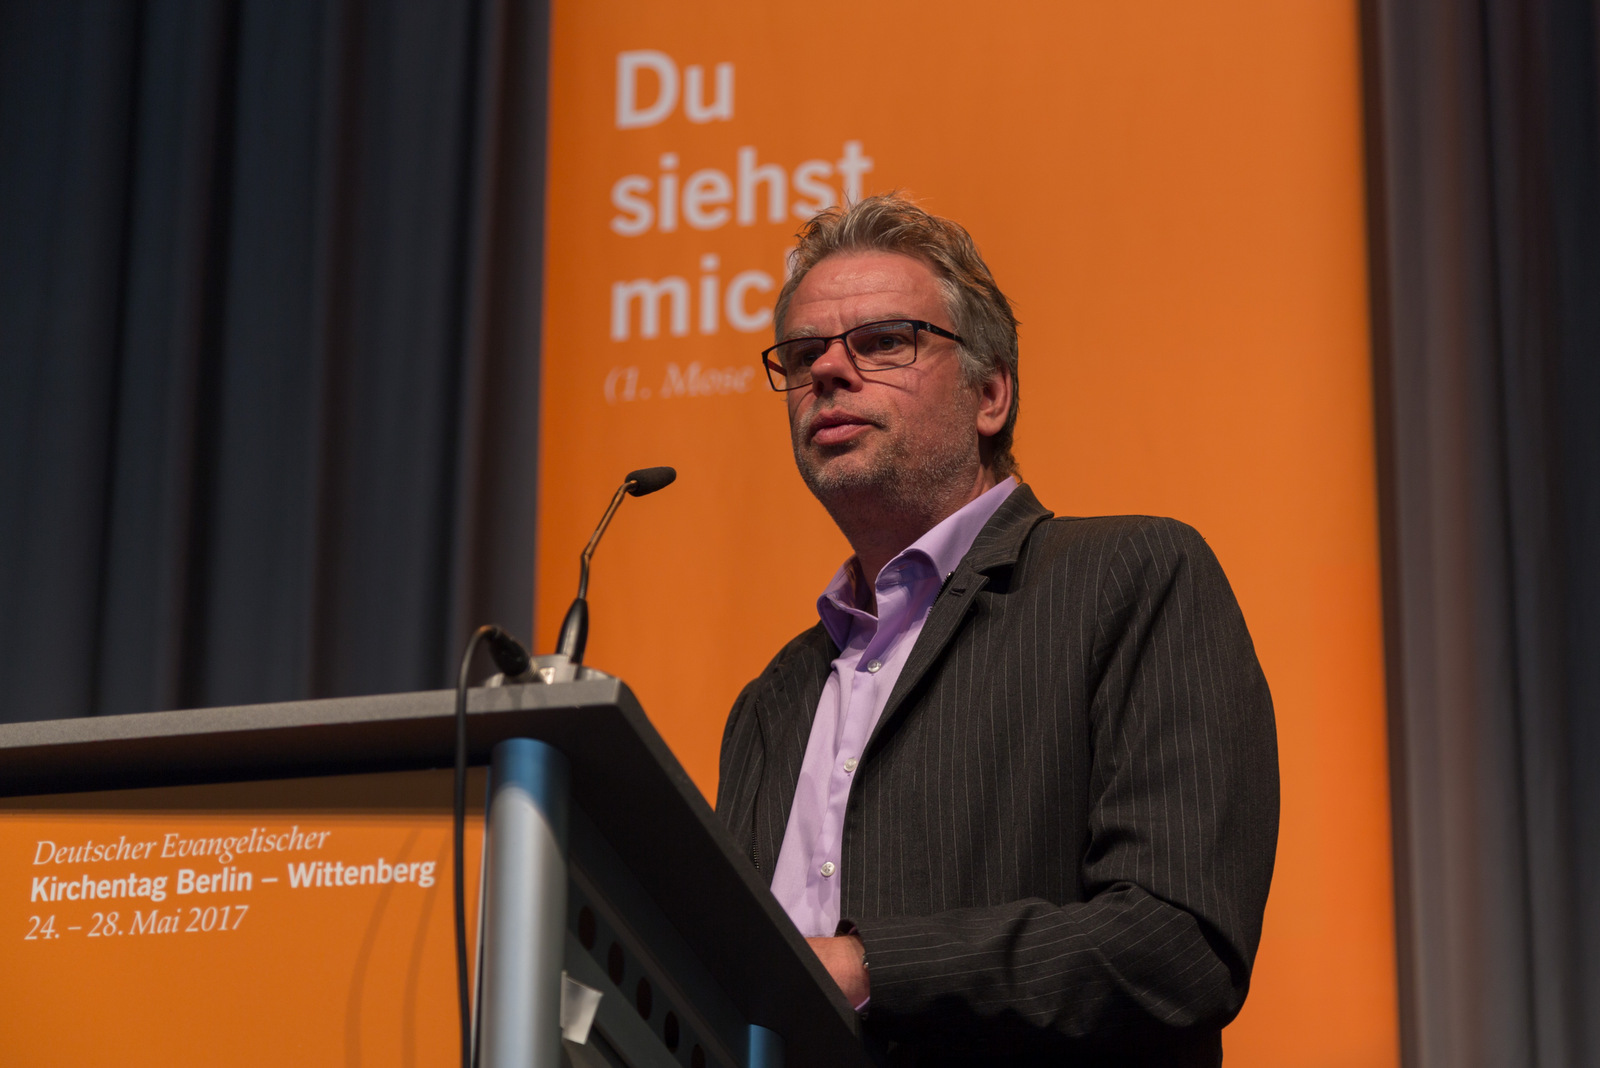 PLRI vertreten auf Kirchentag 2017 in Berlin